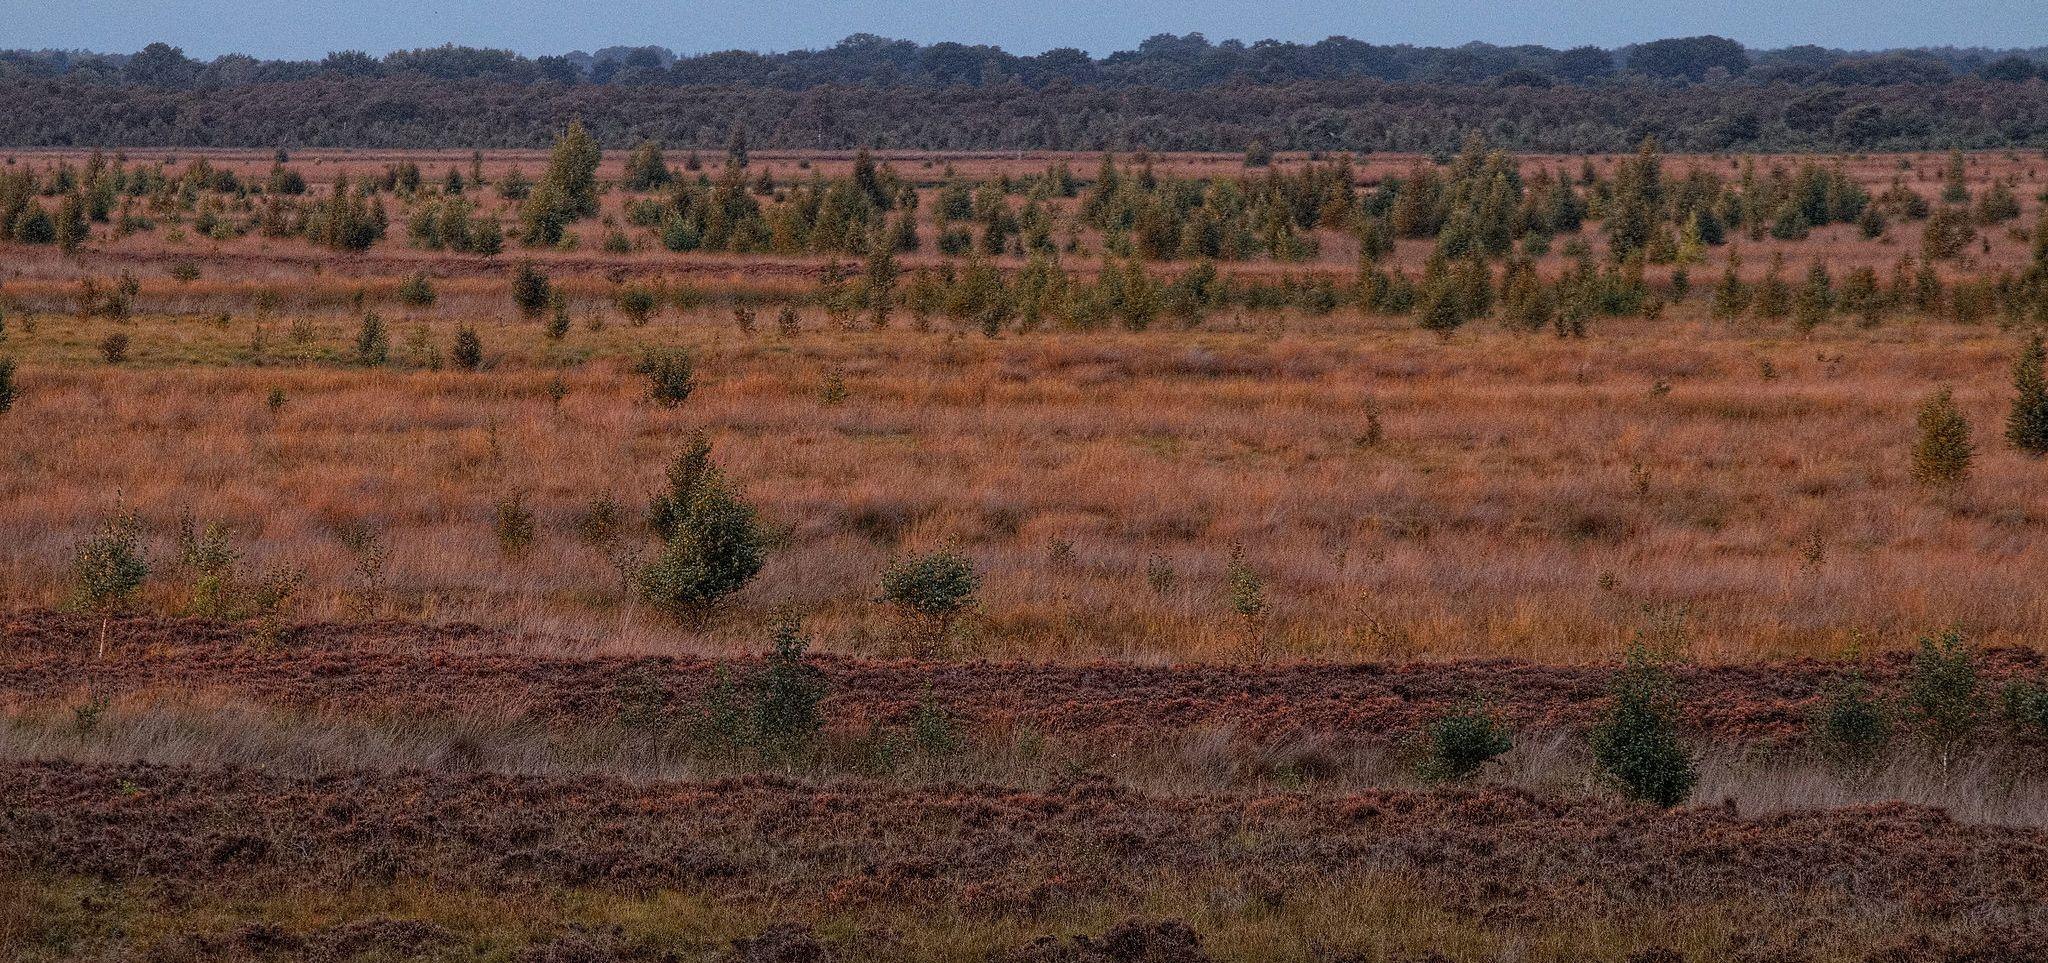 Die Niederungs-Landschaft bis zum Horizont